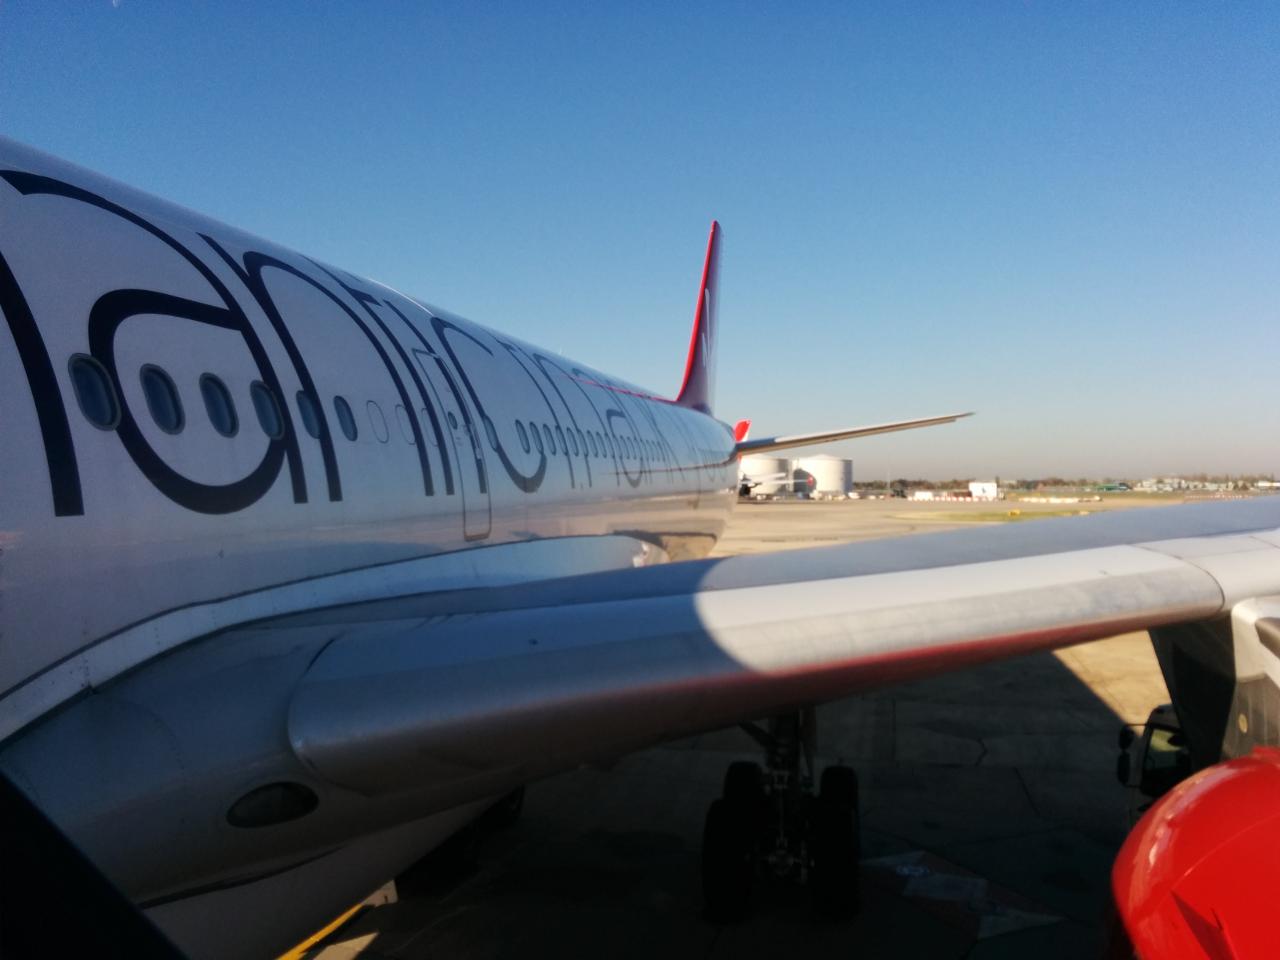 2018年10月31日、ロンドン・ヒースロー〜サンフランシスコのA340型機にはパッセンジャー・ステップを用いって搭乗した。